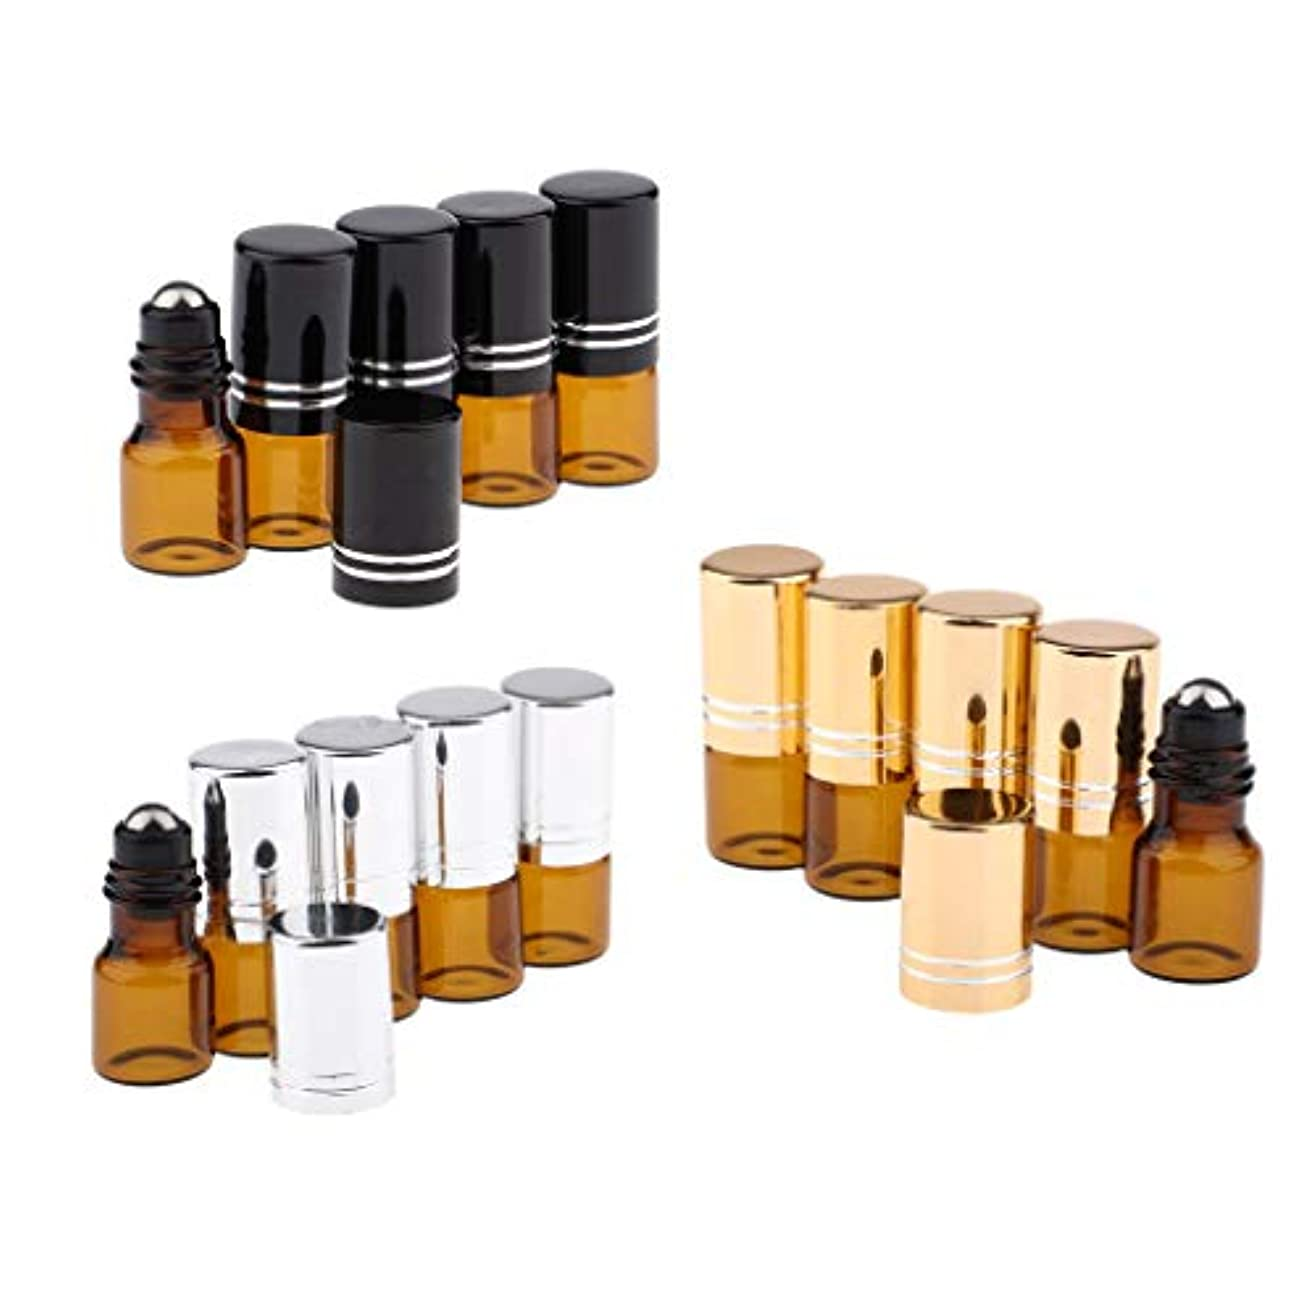 ロールオンボトル ガラス 遮光 2ML 香水瓶 詰め替え アトマイザー 容器